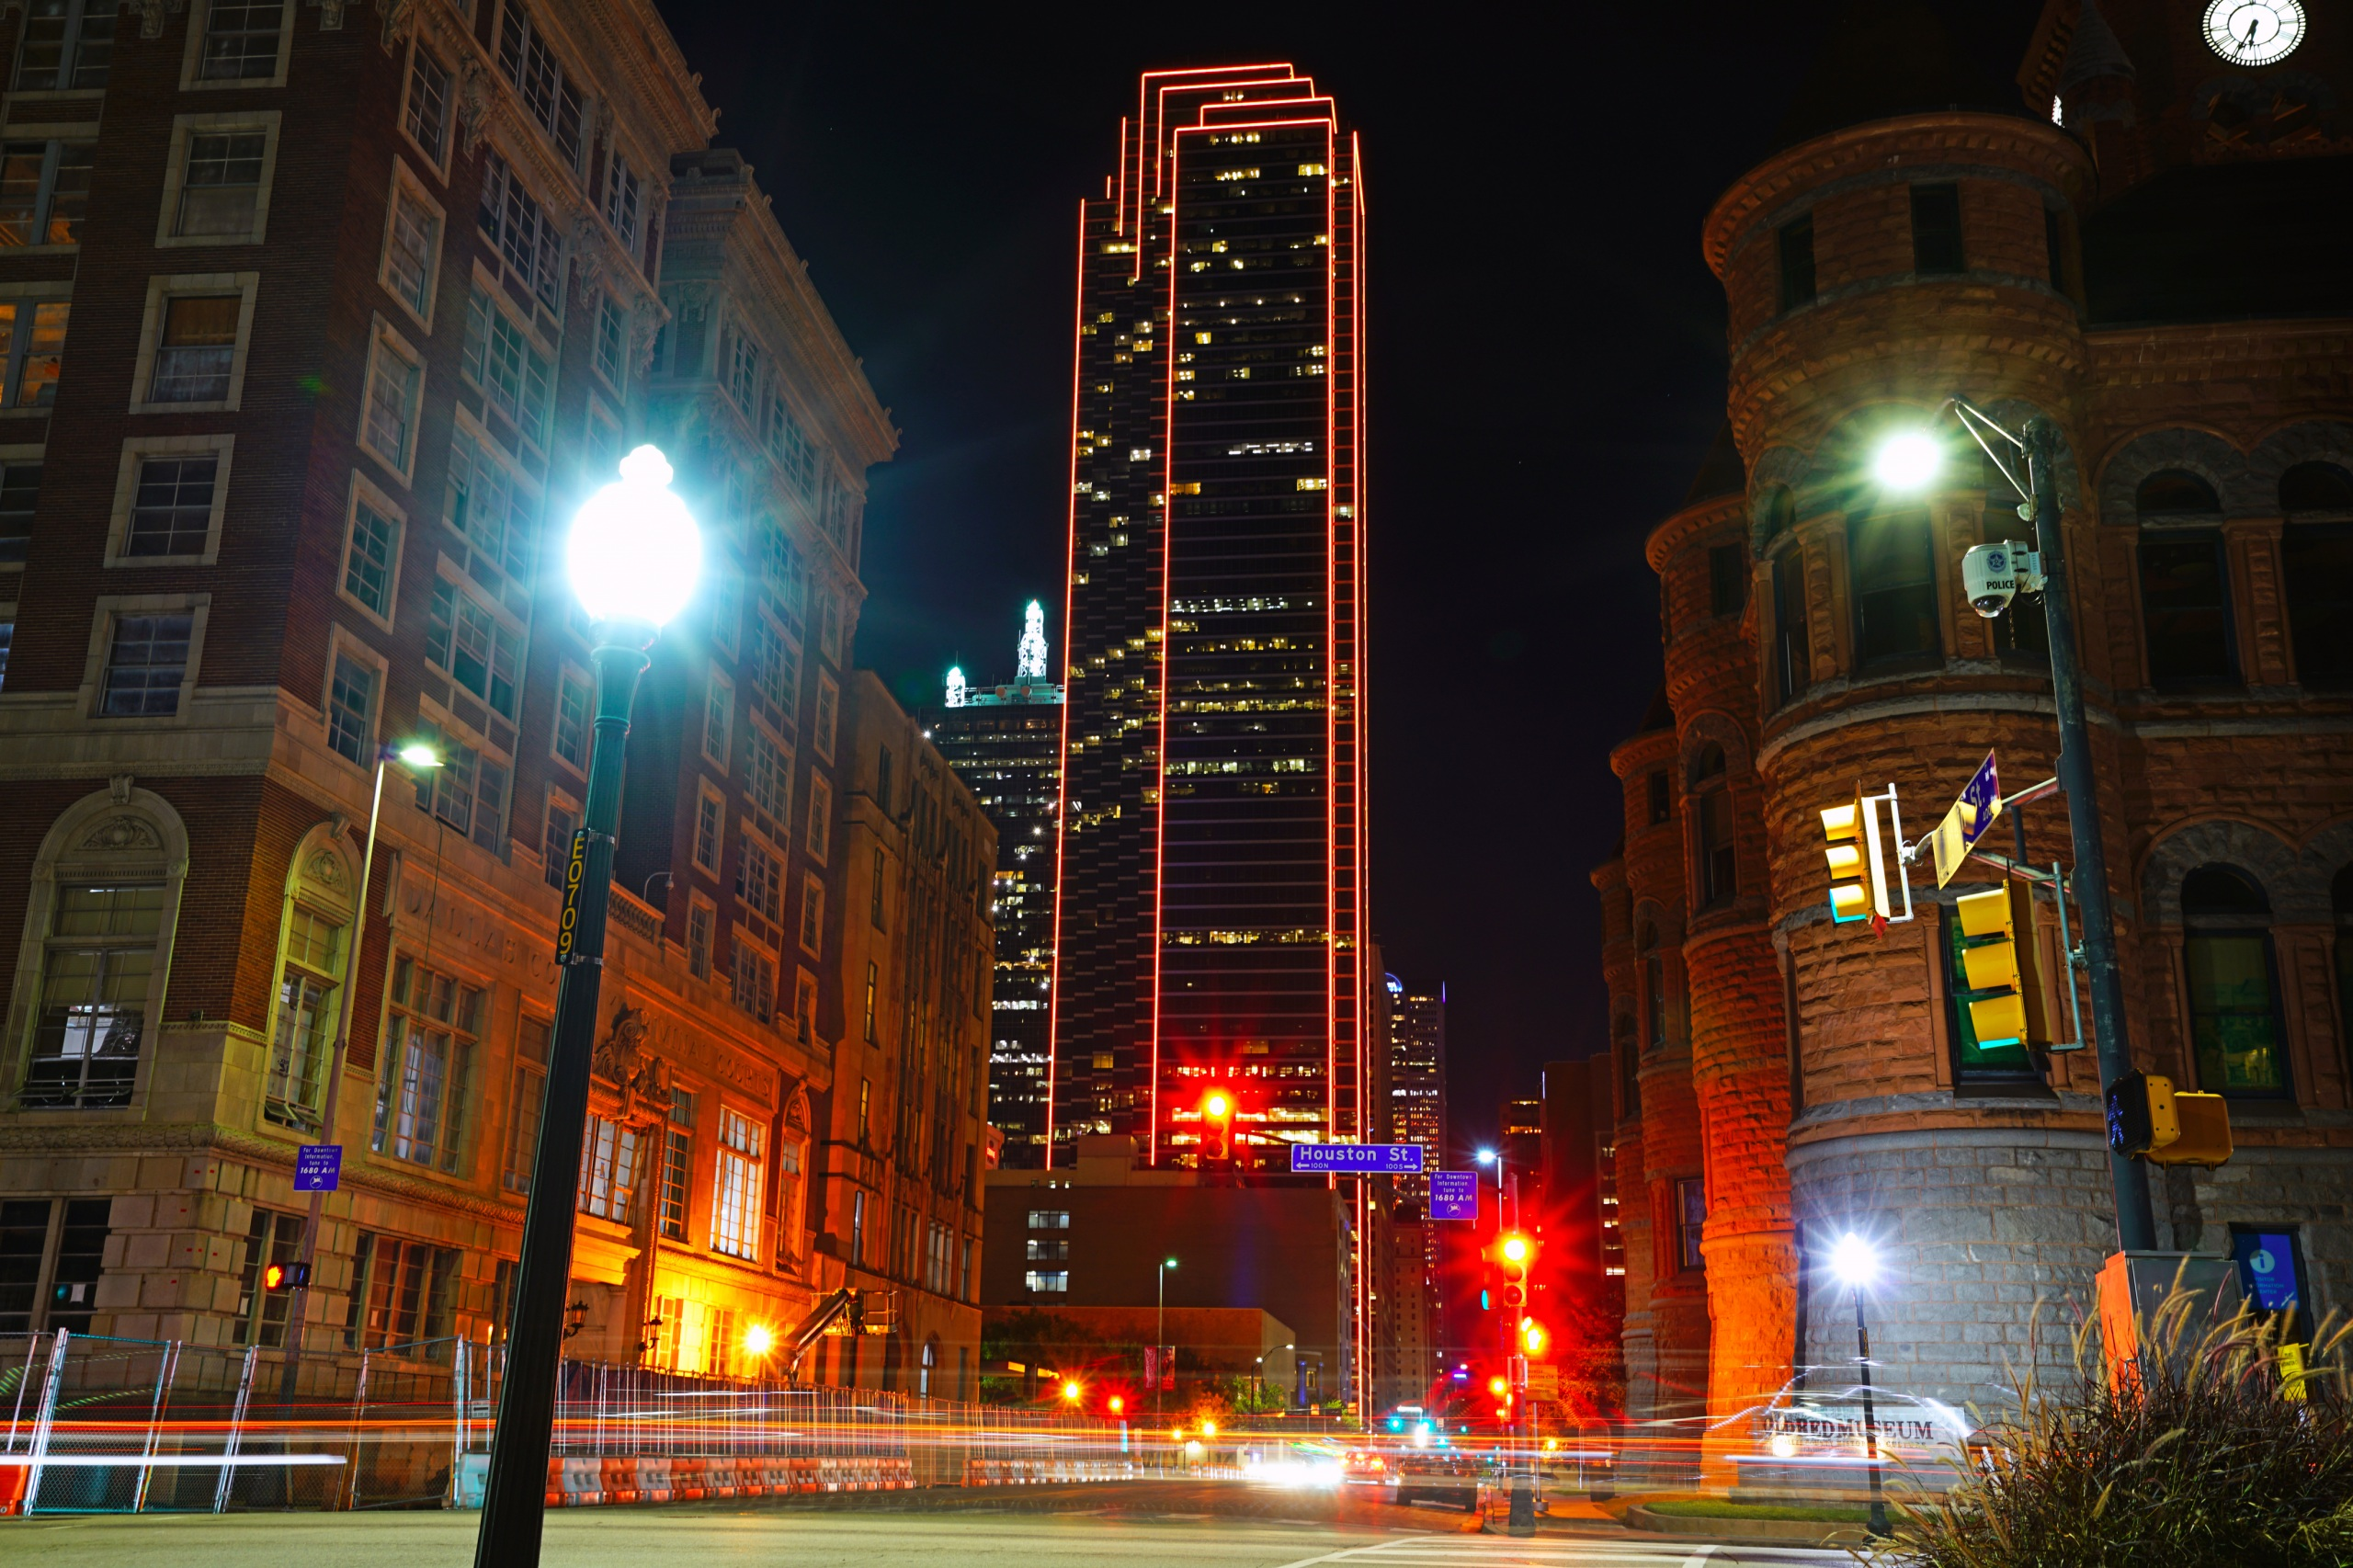 Фотография США Dallas Улица Ночь Уличные фонари Дома Города 2560x1706 штаты америка улиц улице ночью в ночи Ночные город Здания